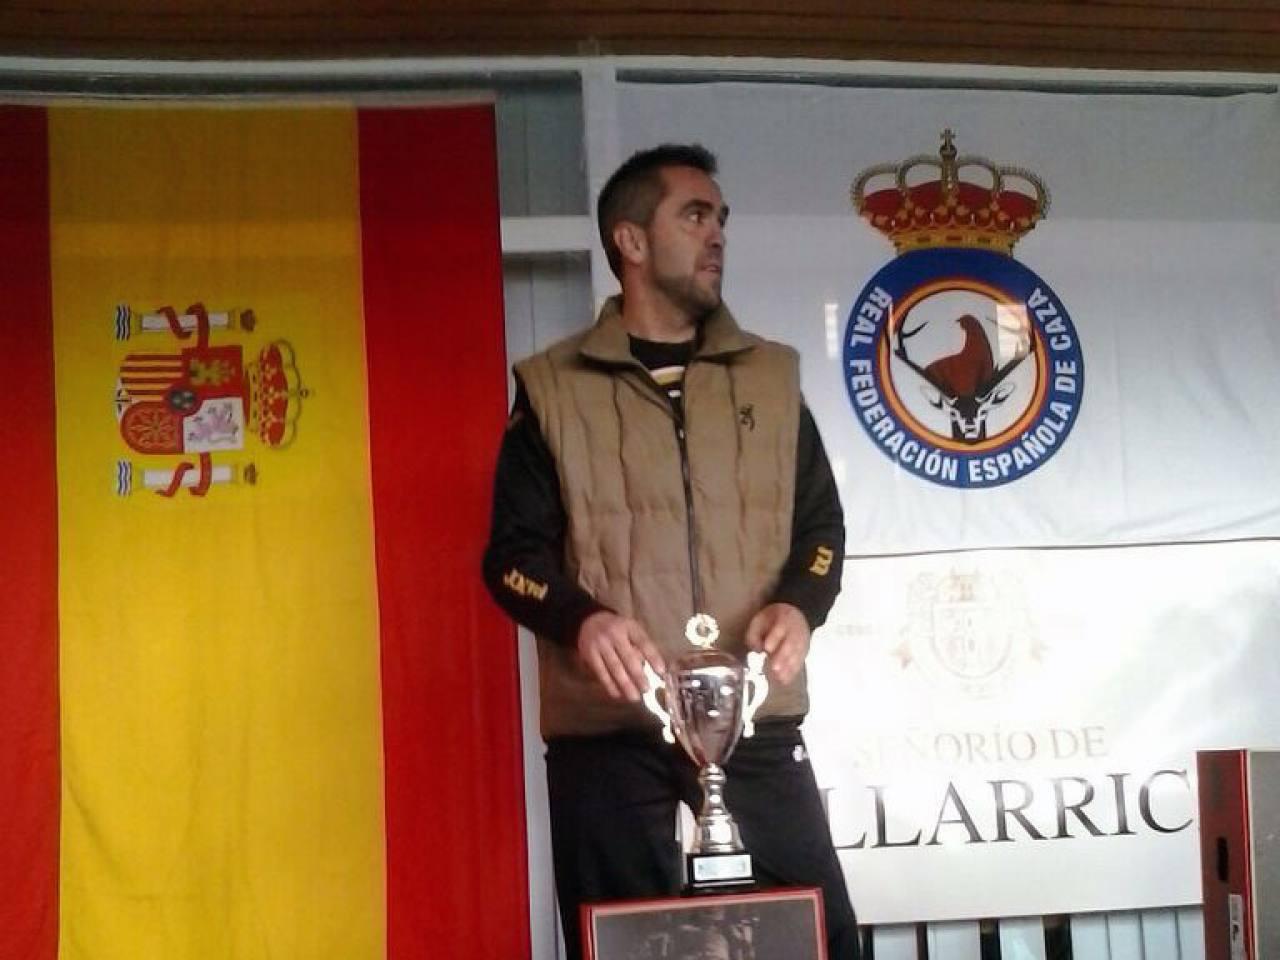 Campeon España 2014 - Podium  Miguel Angel